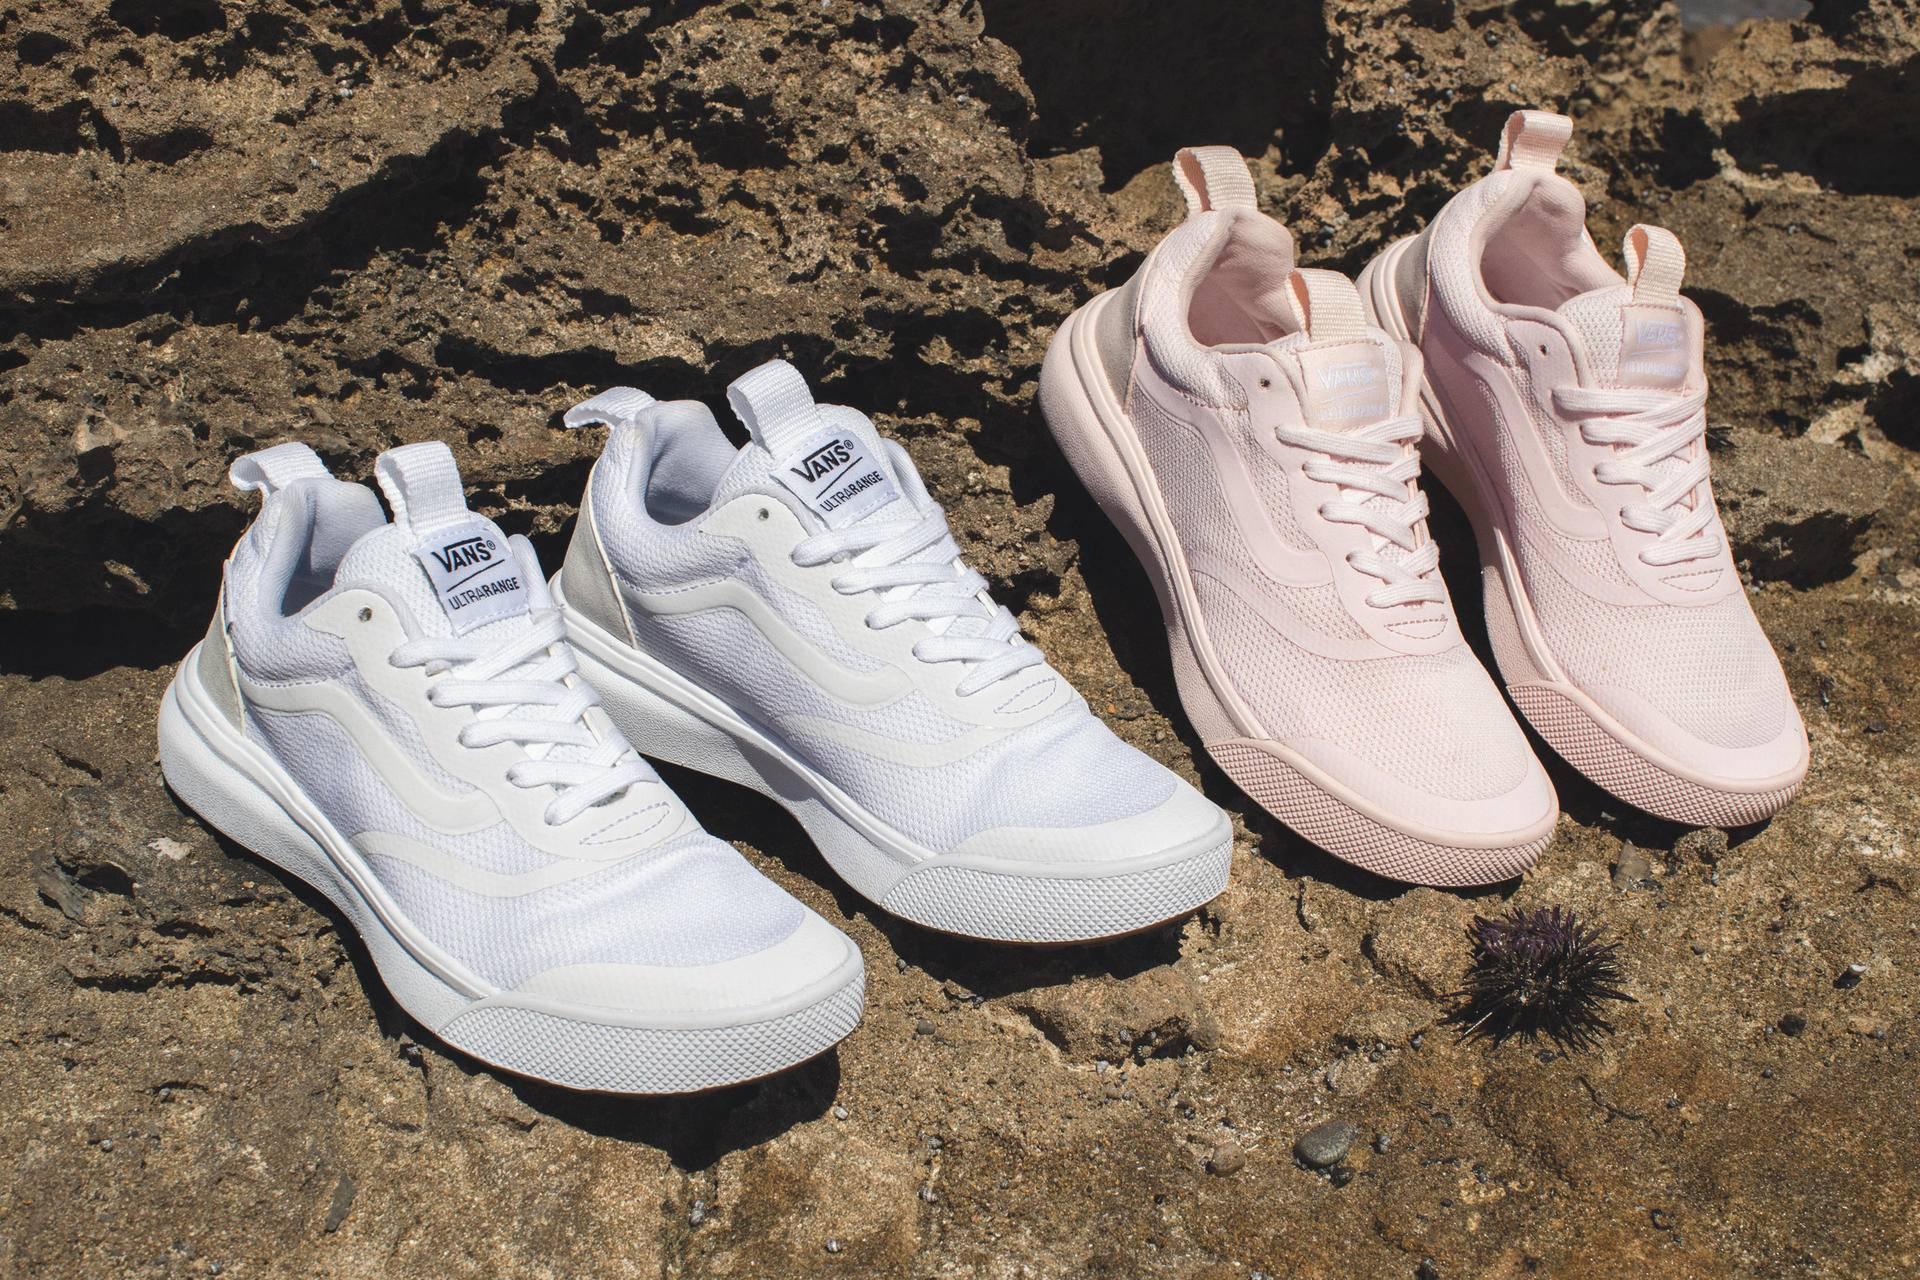 初秋应该留意新鞋啦,这15双运动鞋最适合现